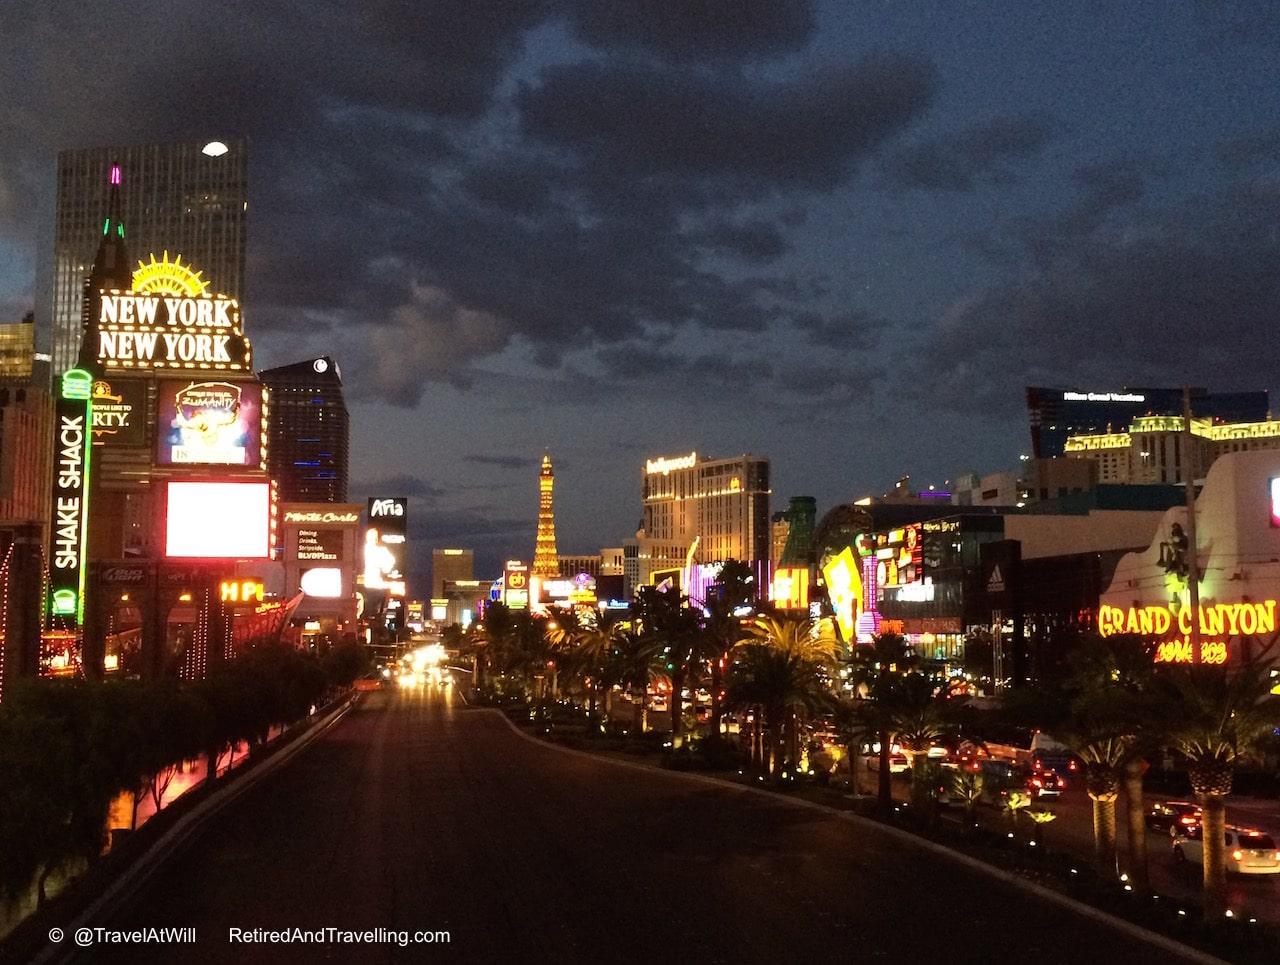 VegasStrip-2015-10-24-20-38.jpg